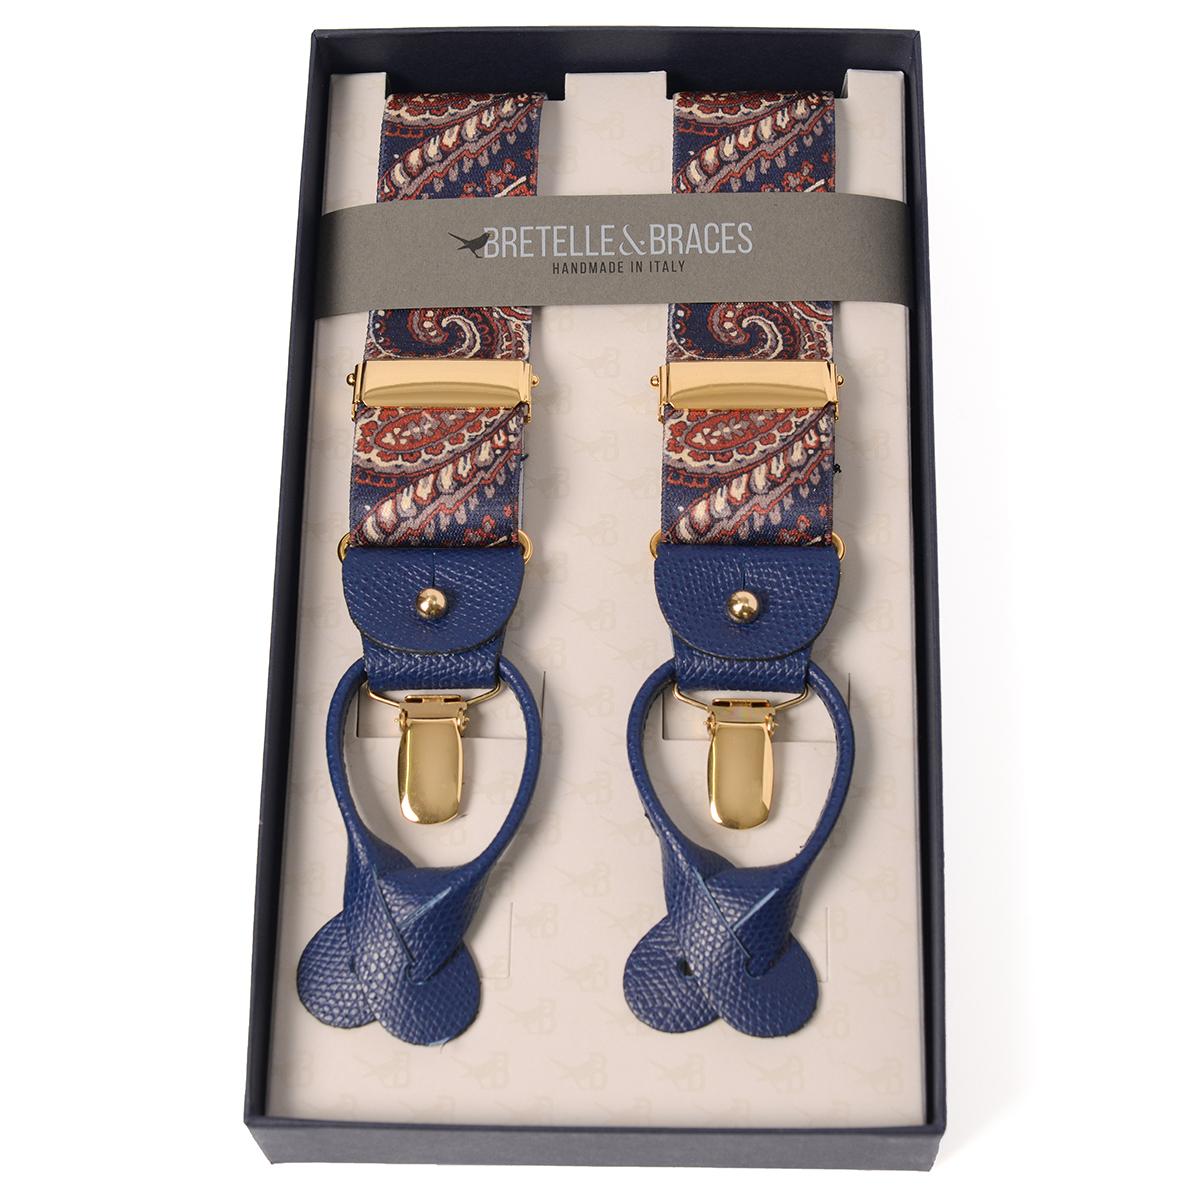 BRETELLE&BRACES イタリア ハンドメイド サスペンダー エラスティックタイプ ペイズリー柄 ネイビー×オレンジ 36mm メンズサスペンダー ブレイシーズ メンズ ブランド